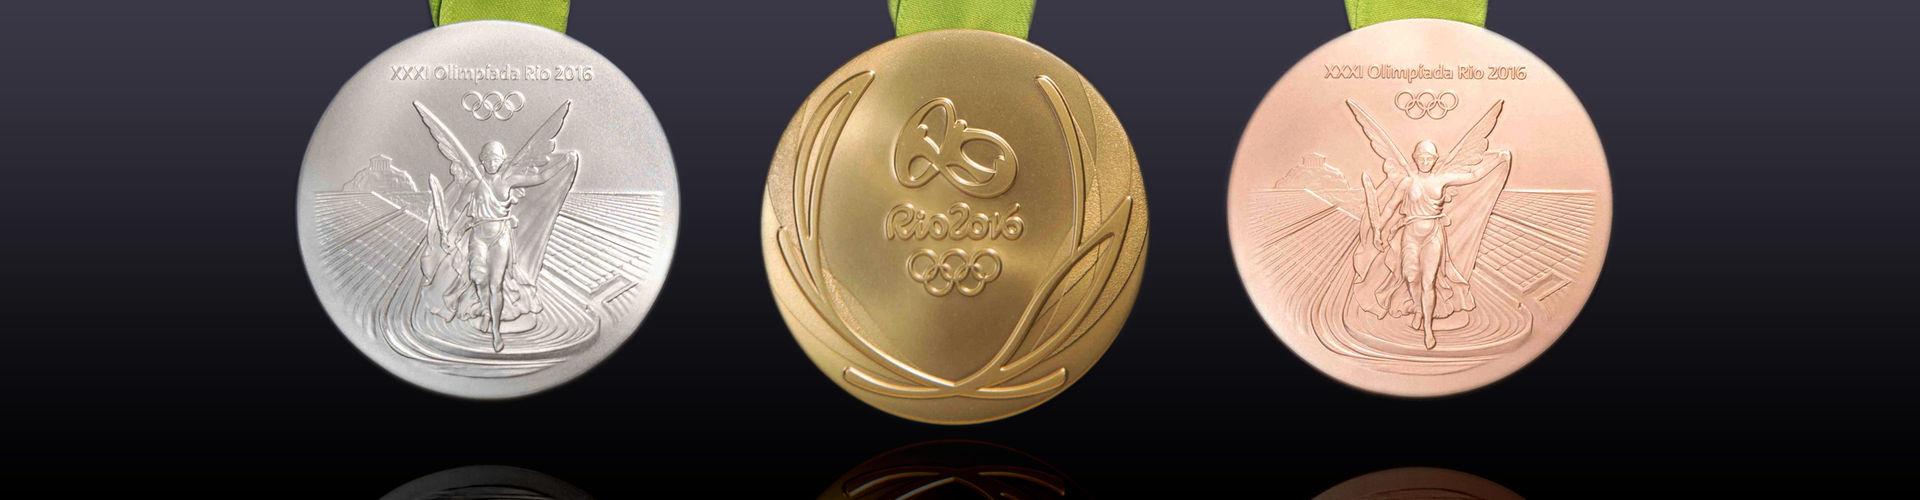 Medaile pro 2020 olympijských her, který má být vyrobeny z recyklovaného Metals